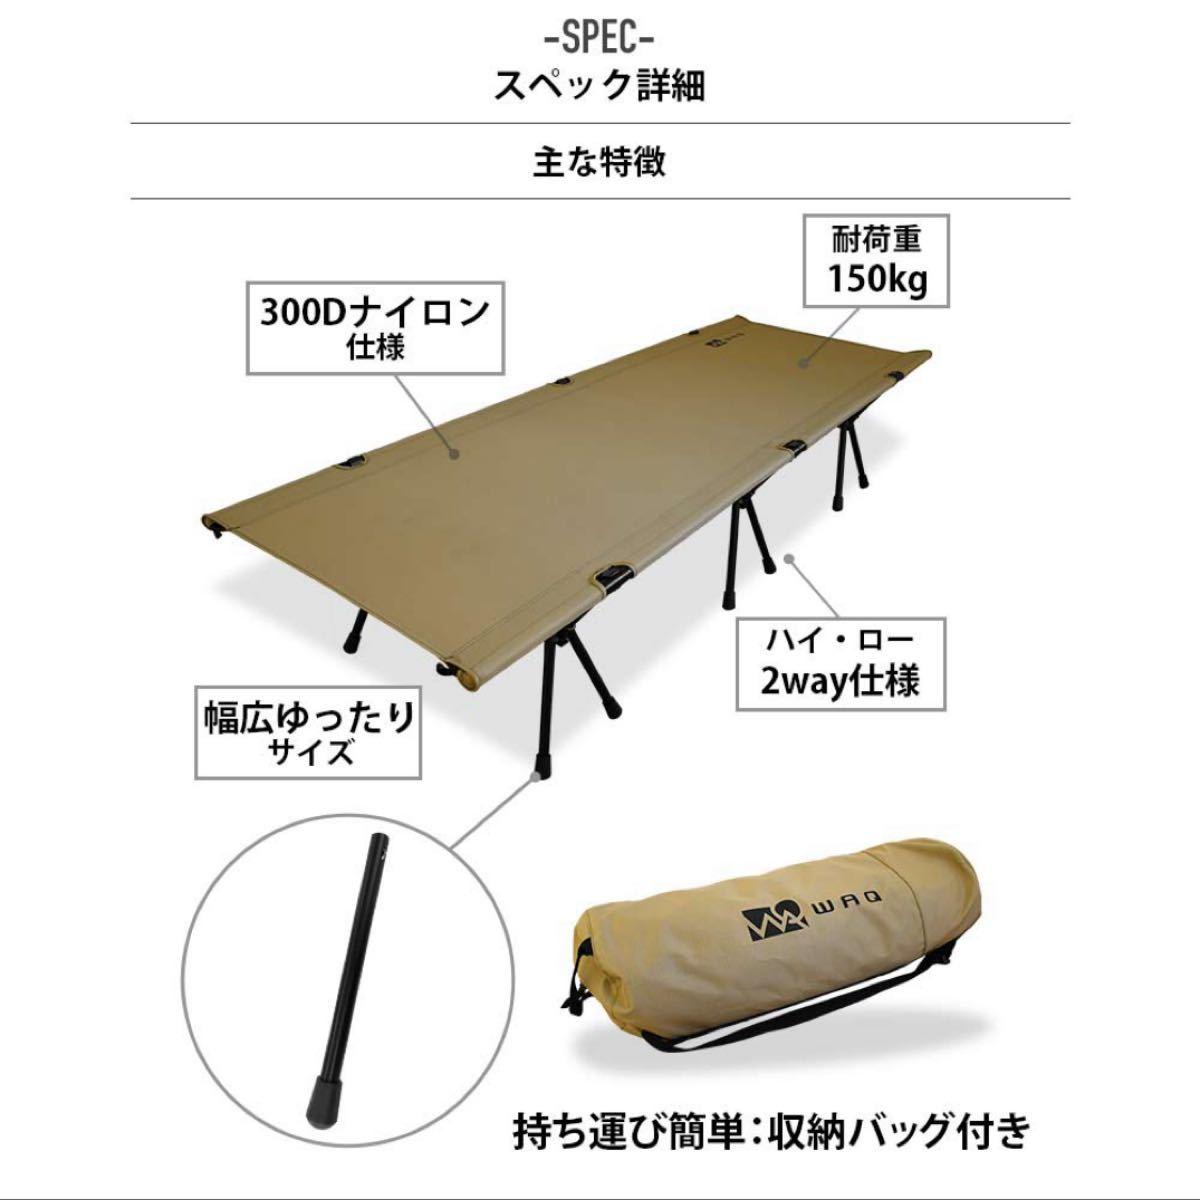 WAQ 2WAY フォールディング コット waq-cot1 コット キャンプ用ベッド 折りたたみ 折畳み 軽量 アウトドア